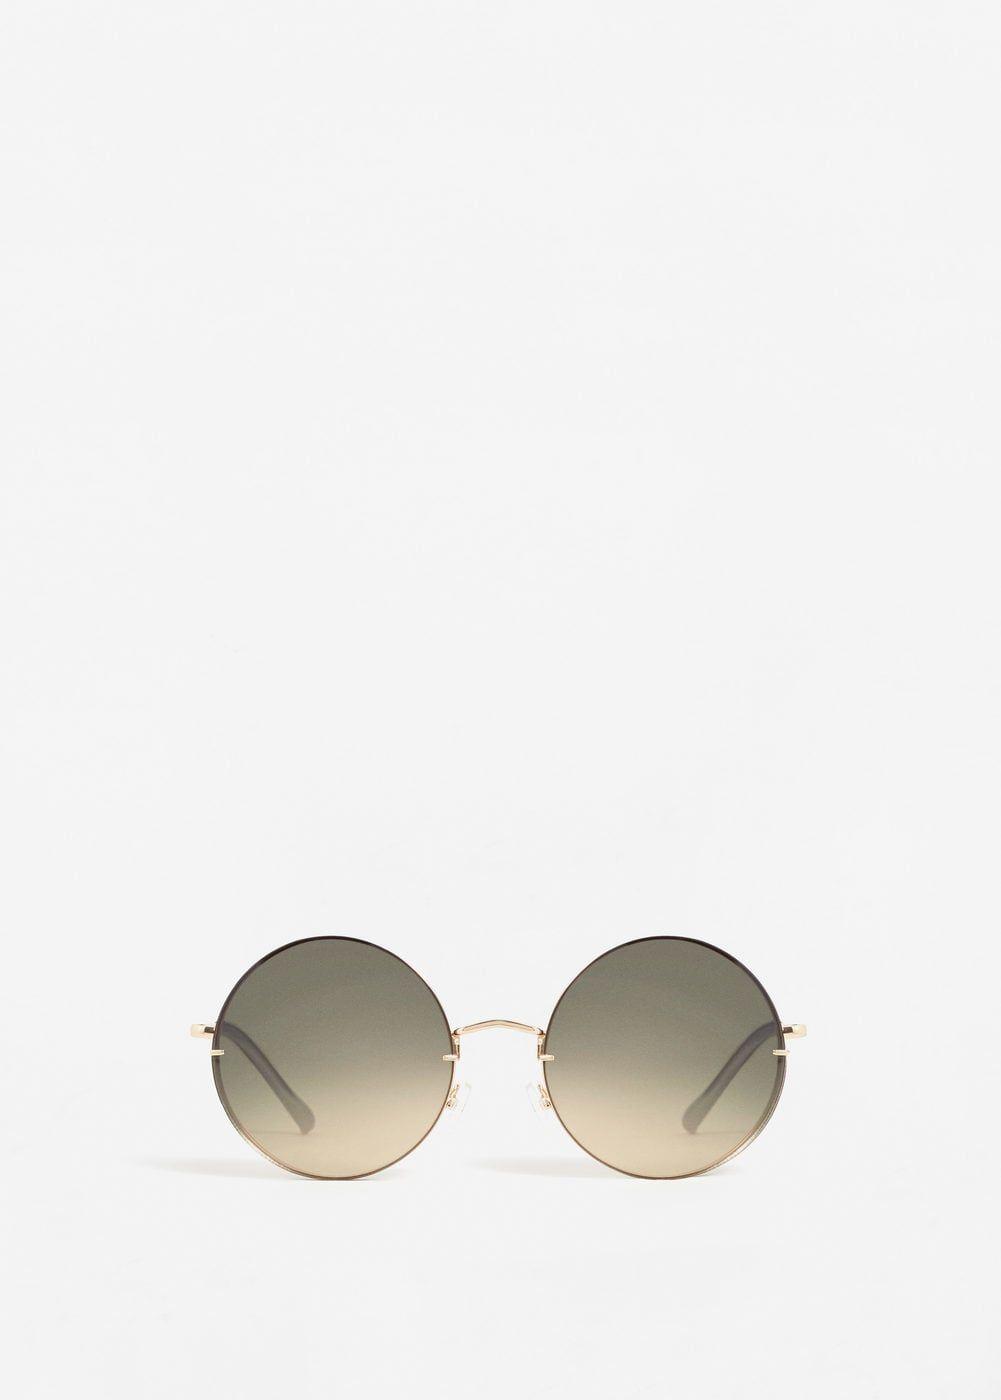 789a6da3e5 Gafas de sol redondas - Gafas de sol de Mujer in 2019 | EYEWEAR ...